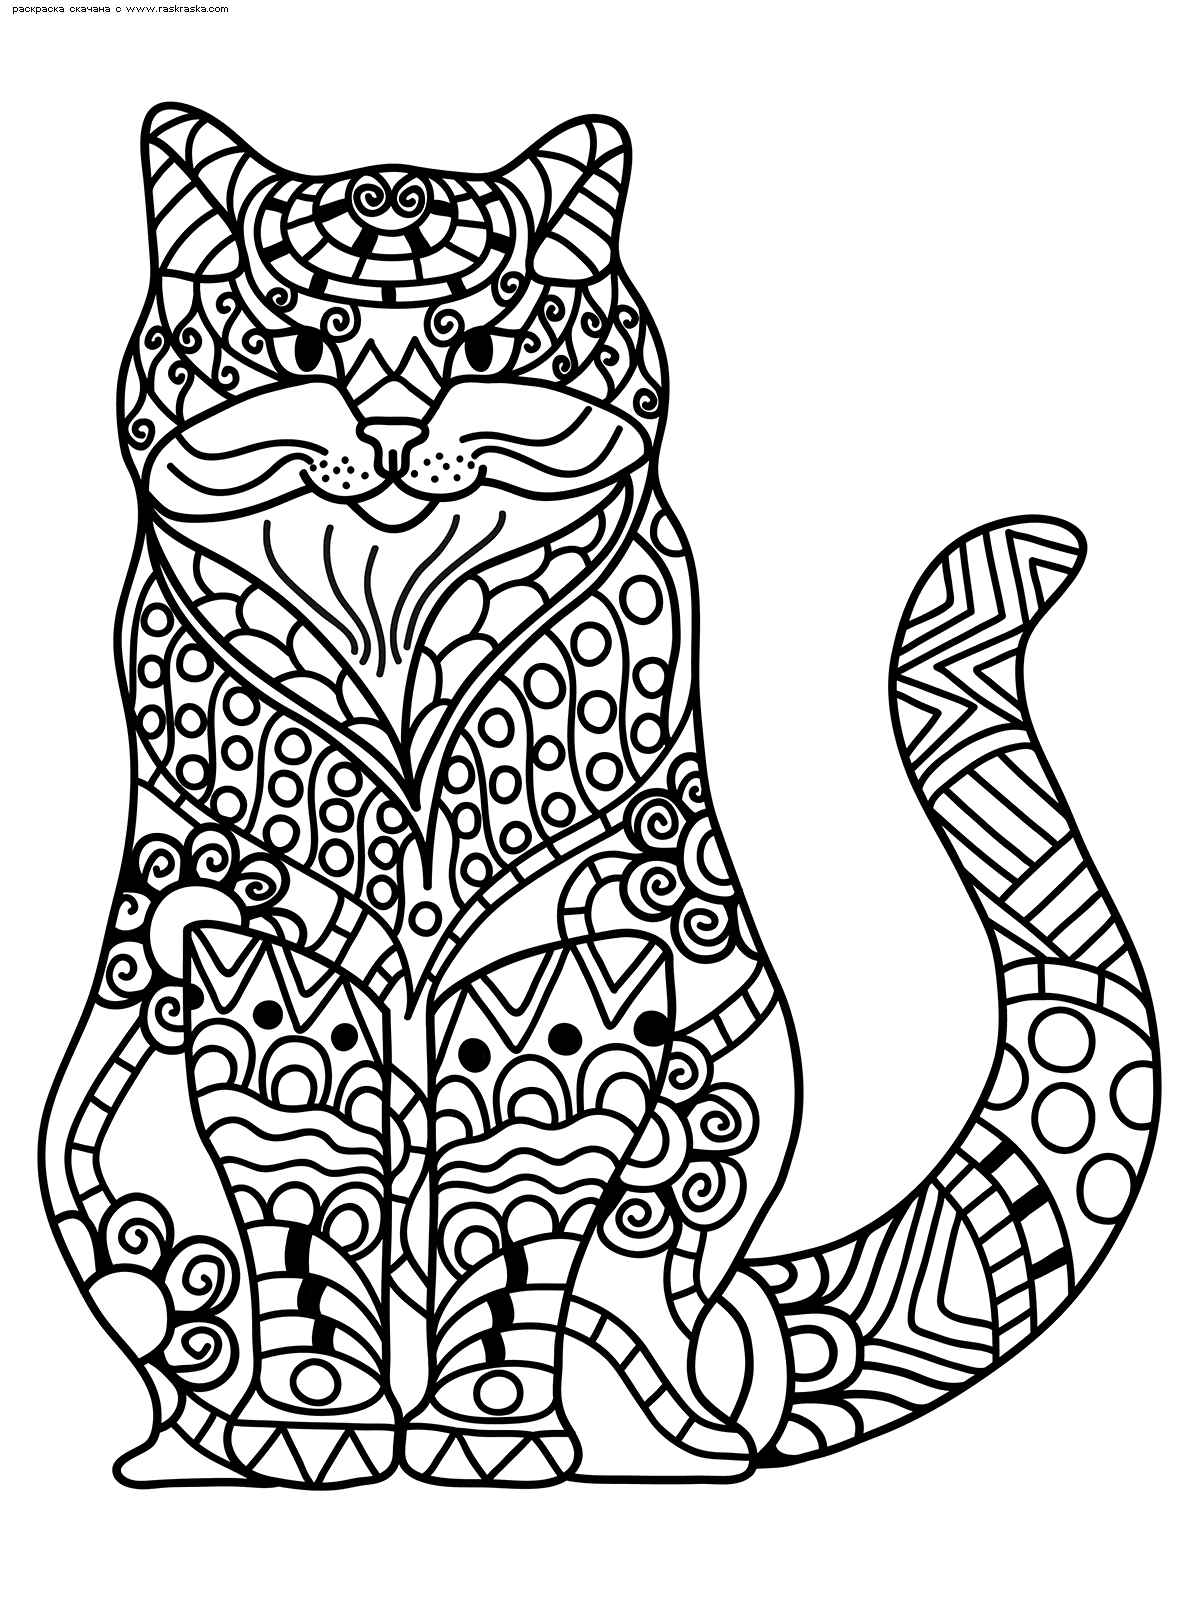 Раскраска Кот | Раскраски антистресс Кошки. Сложные ...